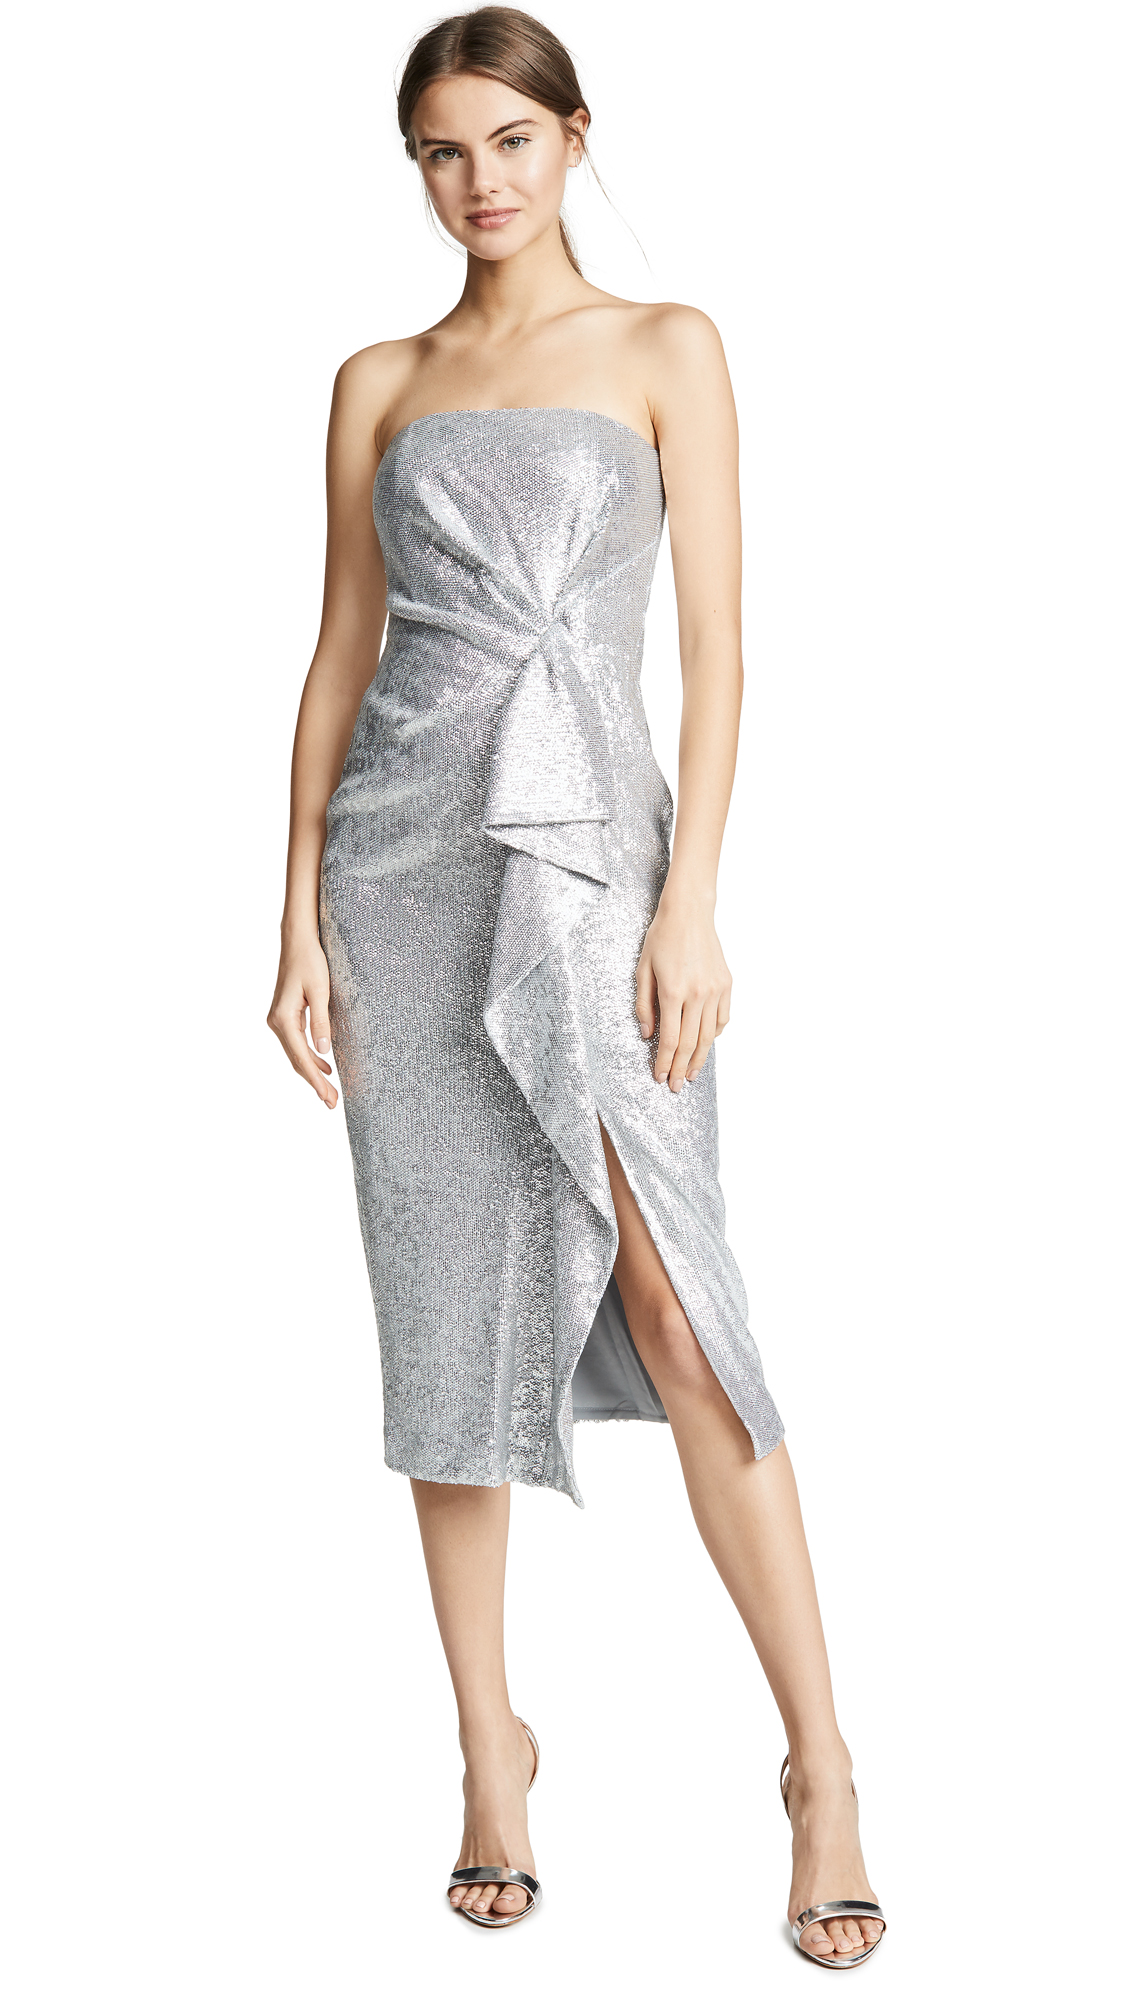 Rachel Zoe Krista Dress - Silver